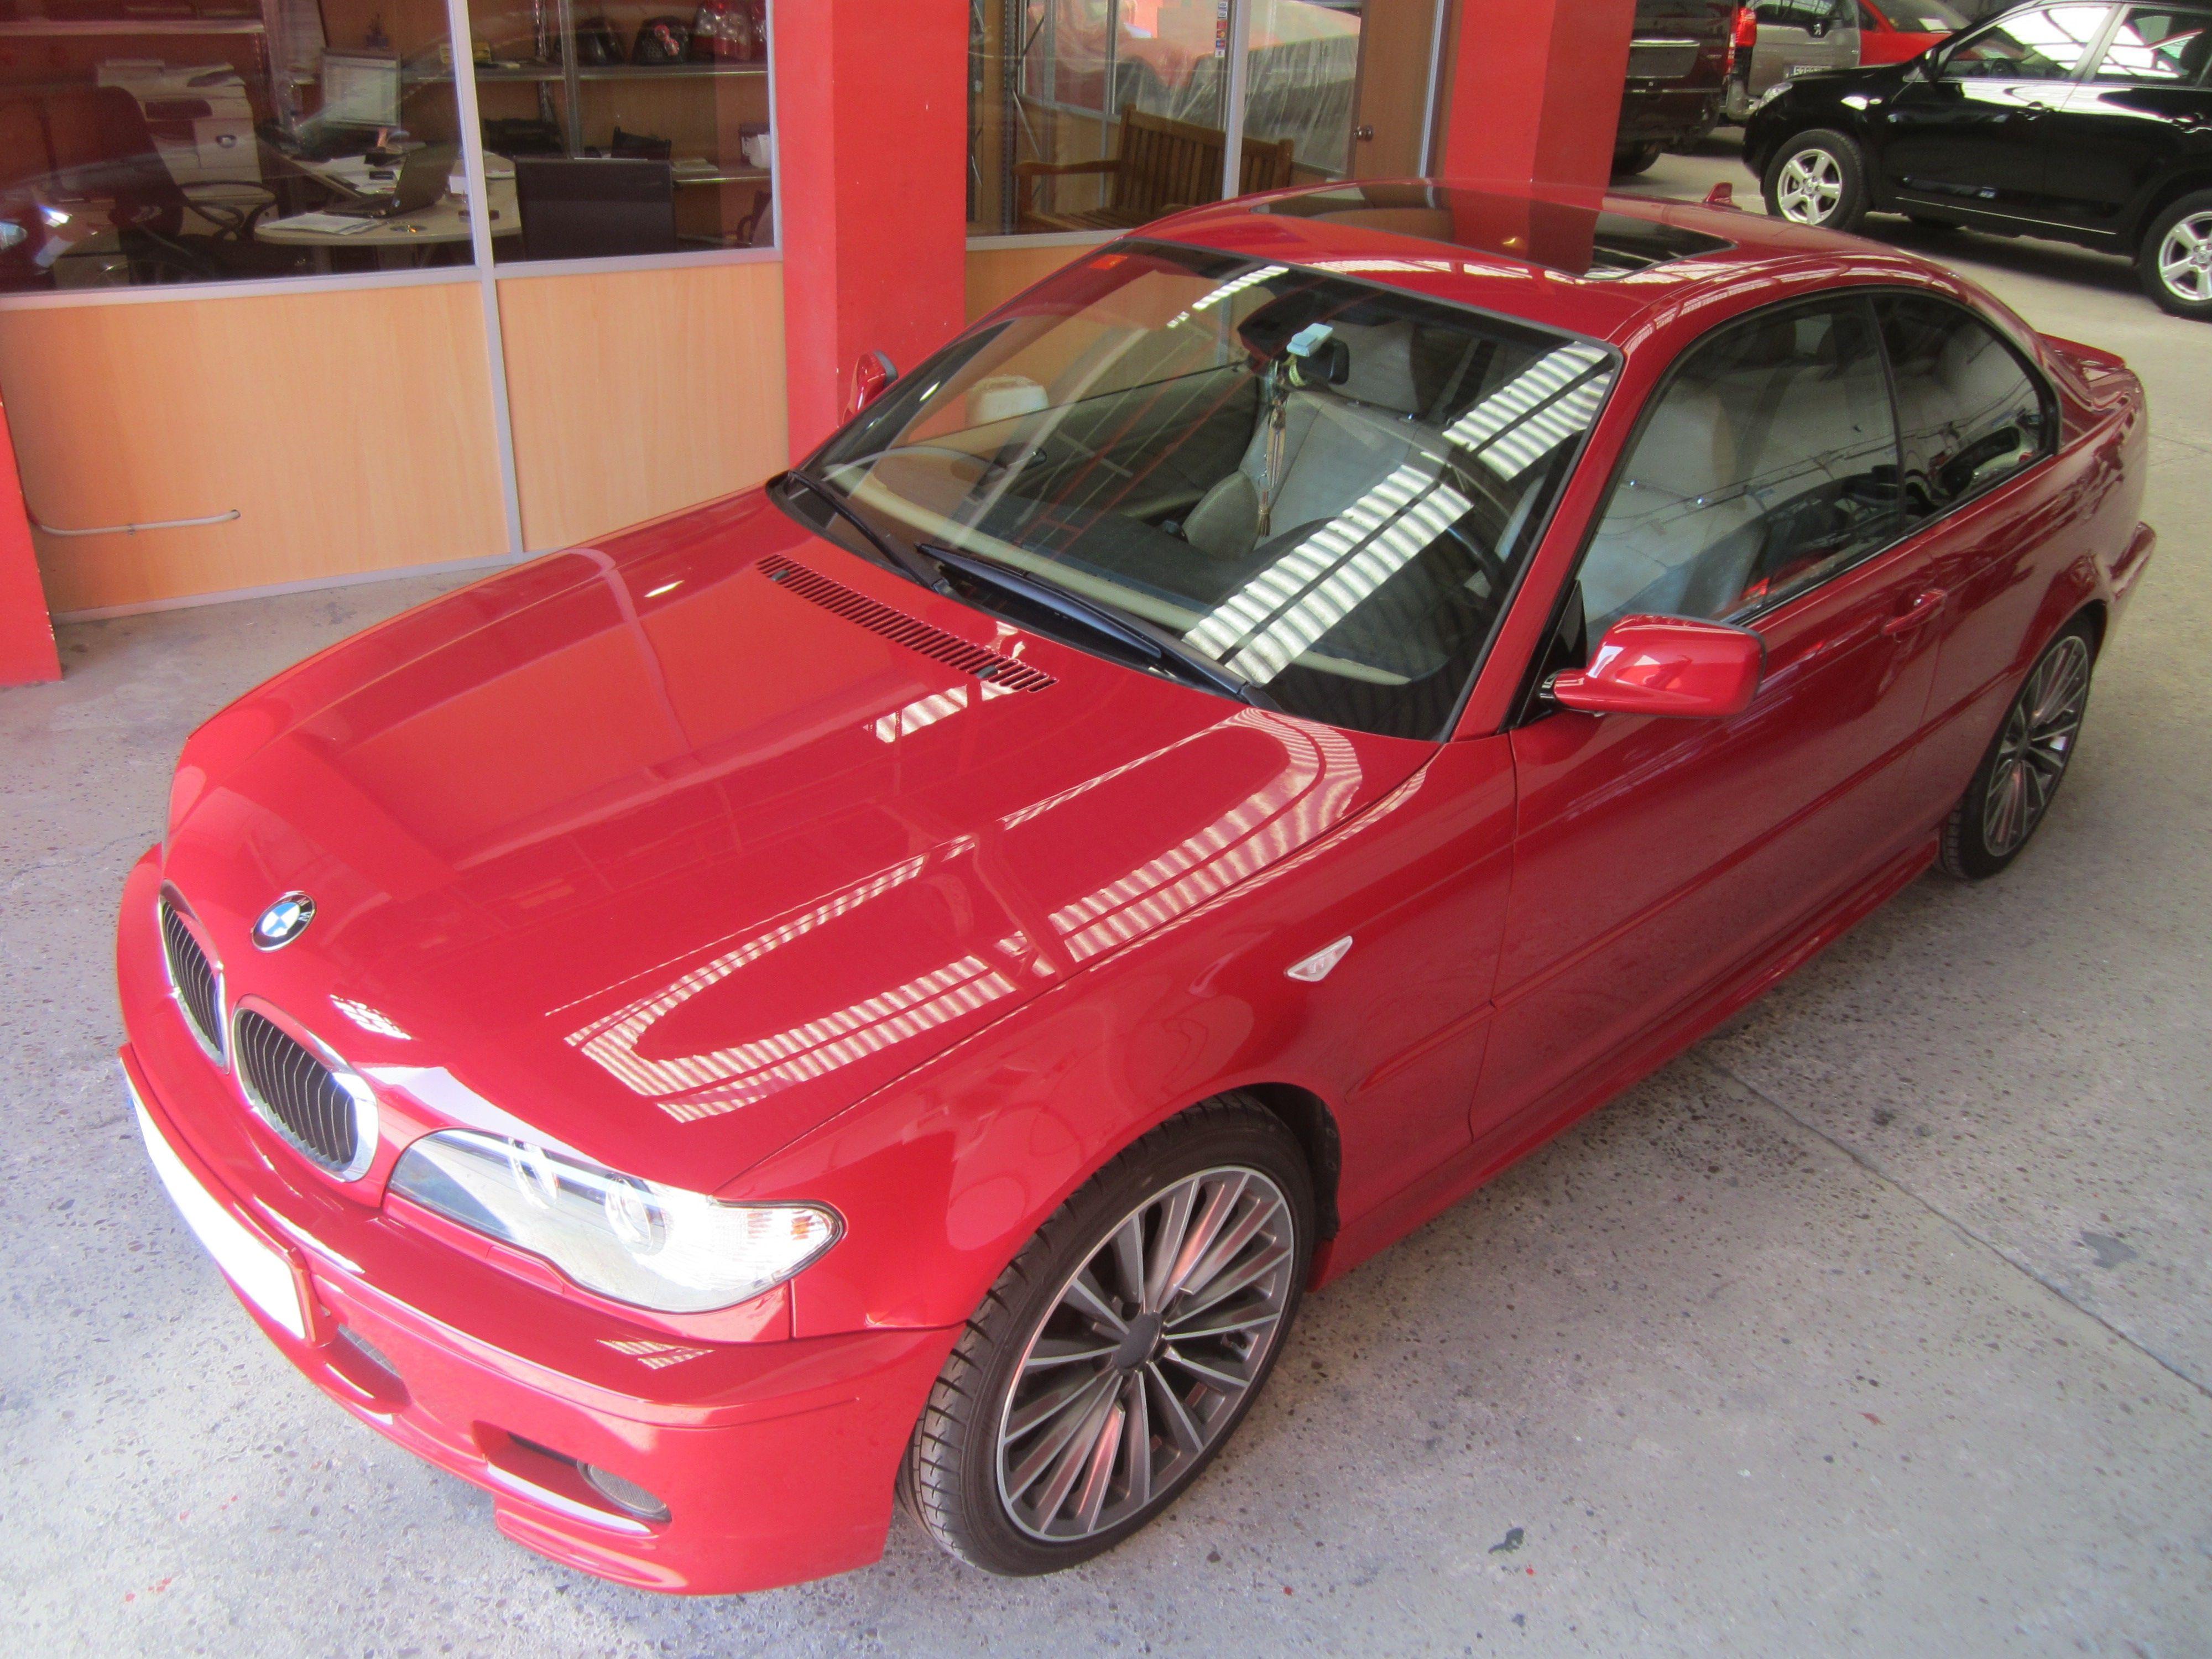 BMW\u002DREPORTAJE COMPLETO DEL PROCESO DE REPARACIÓN EN NUESTRA PÁGINA DE FACEBOOK